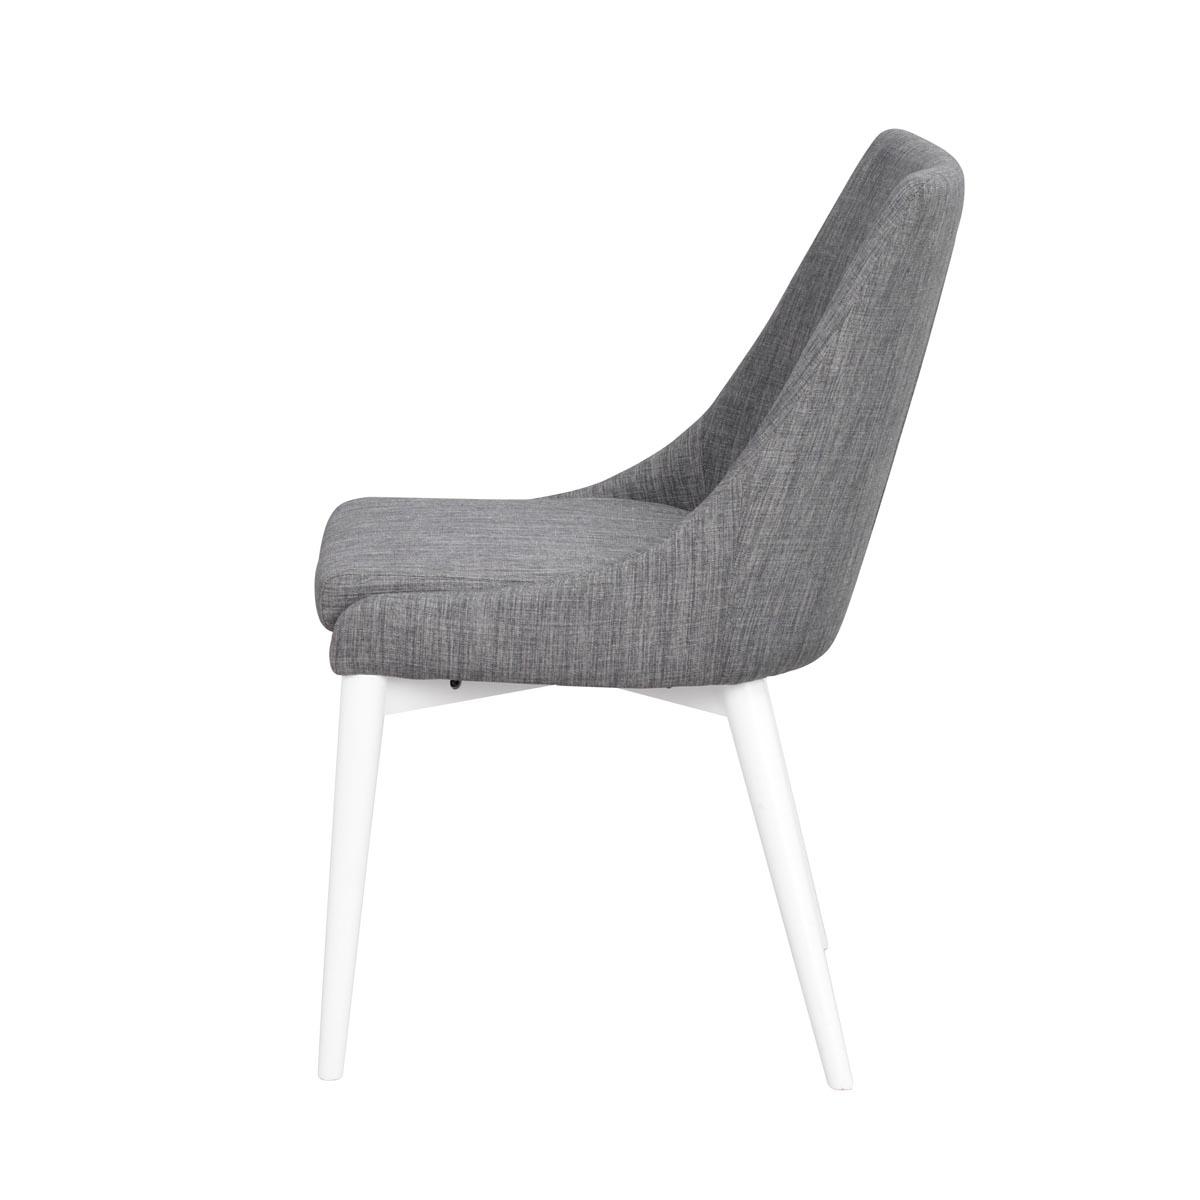 Bea-stol-mörkgrått-tyg_vitR-118320_c